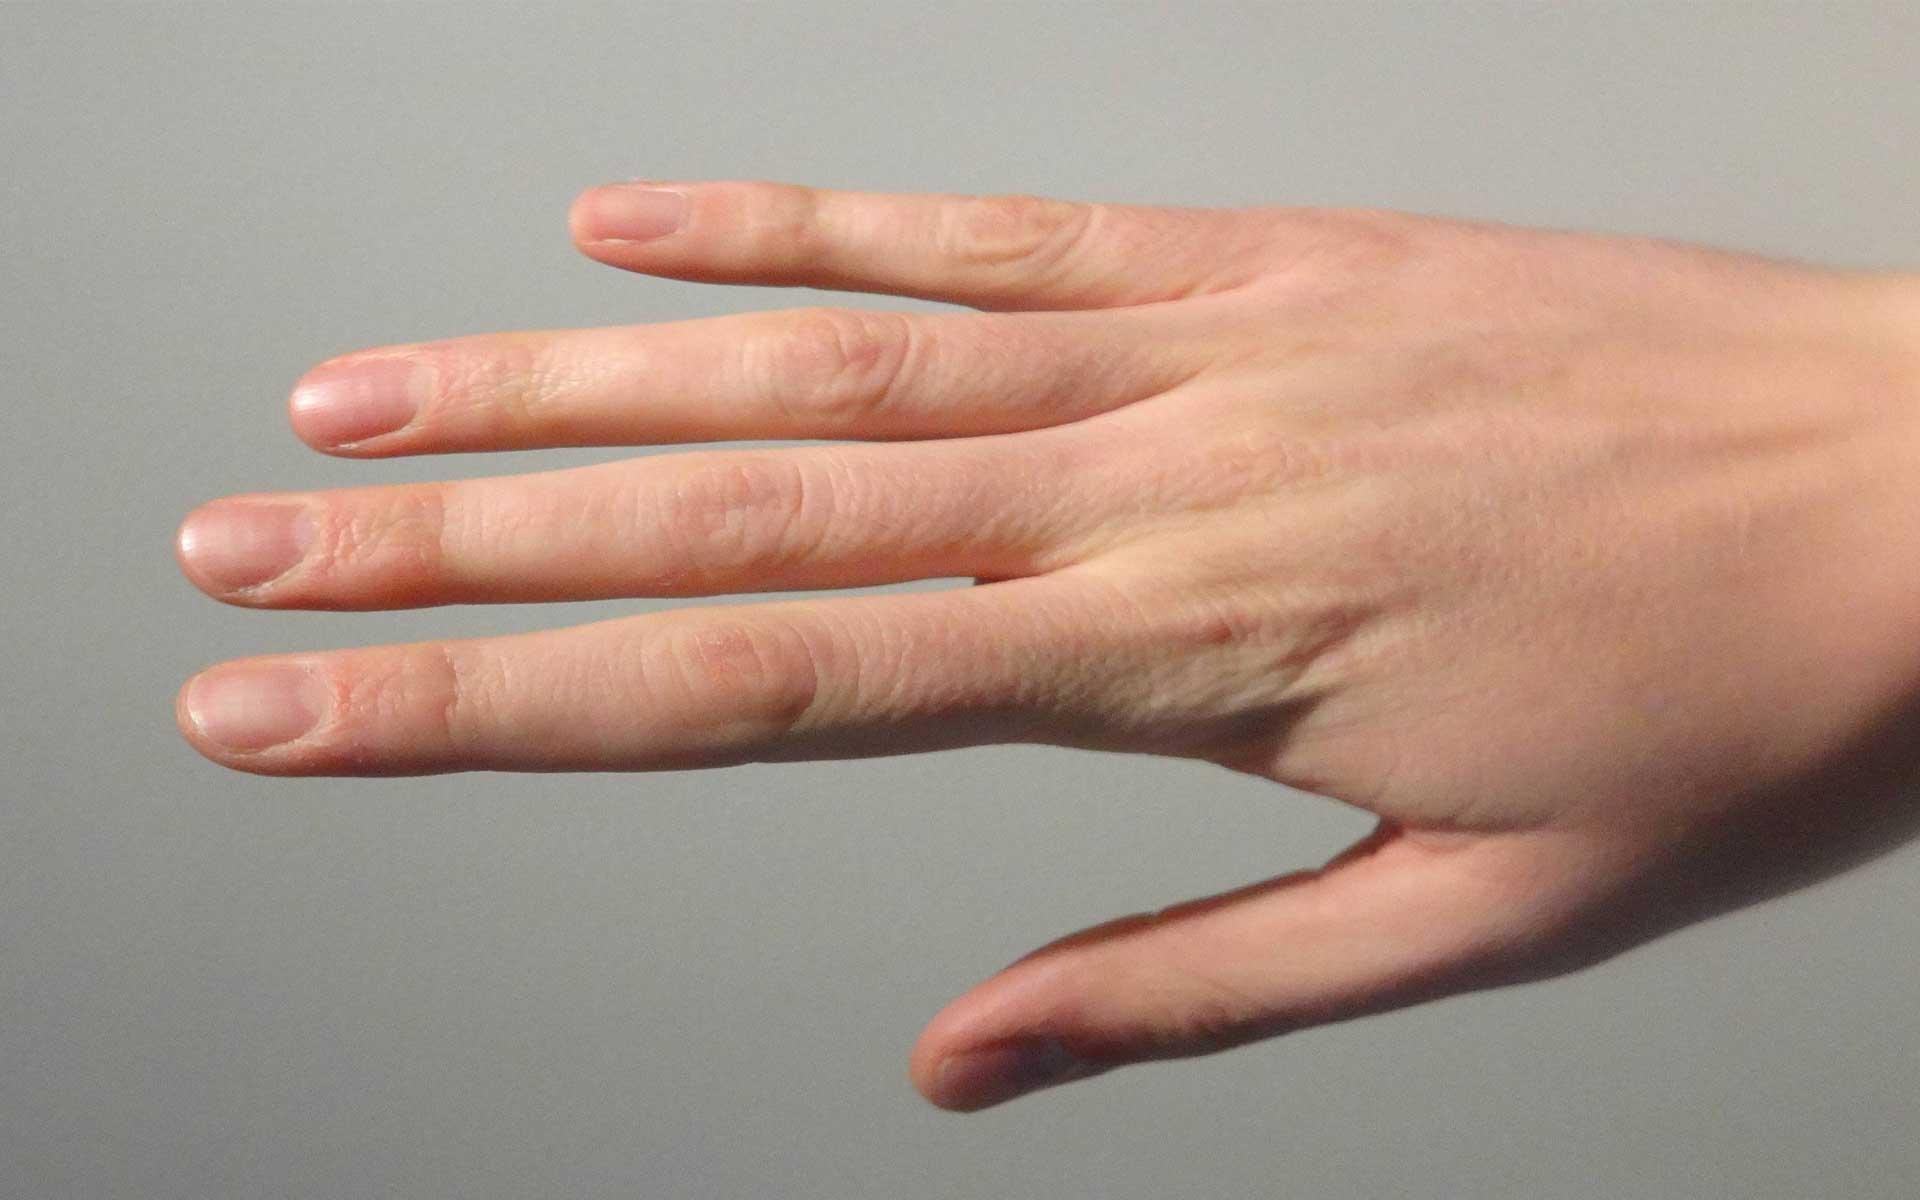 छोटी उंगली की ये बातें बताती हैं आपके करियर व धन का हाल